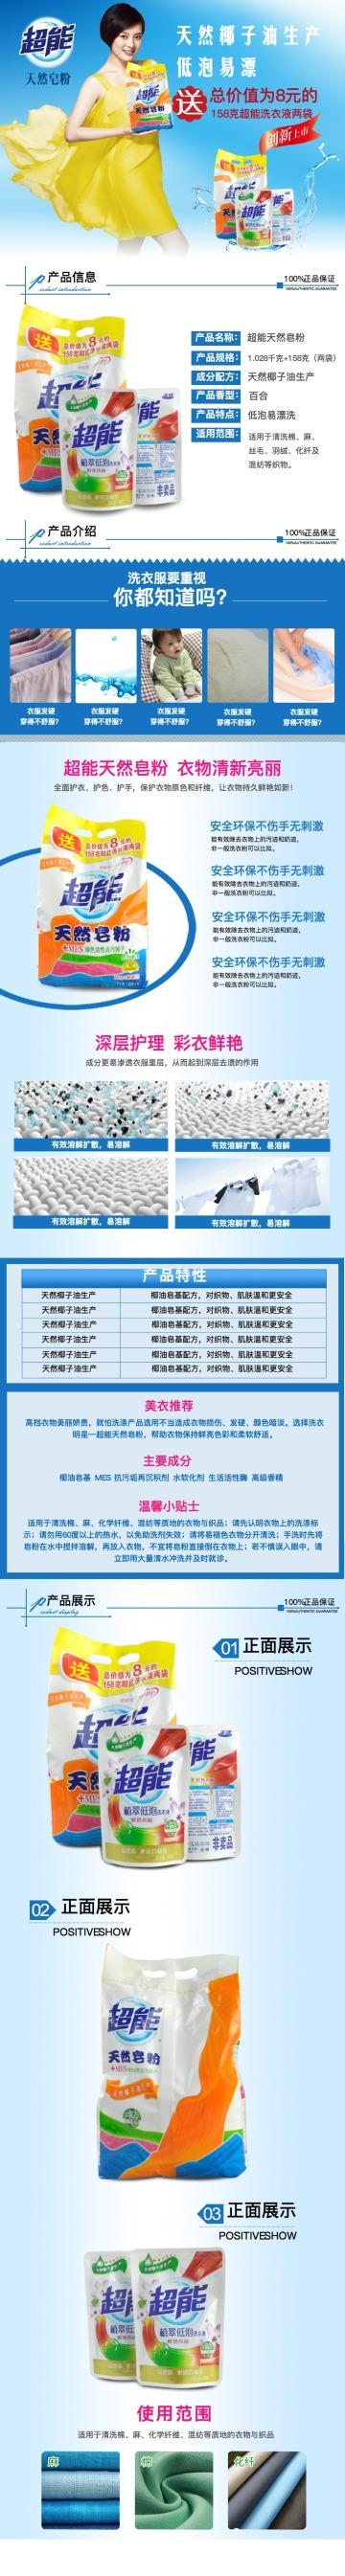 清新自然天然椰油皂粉电商详情图